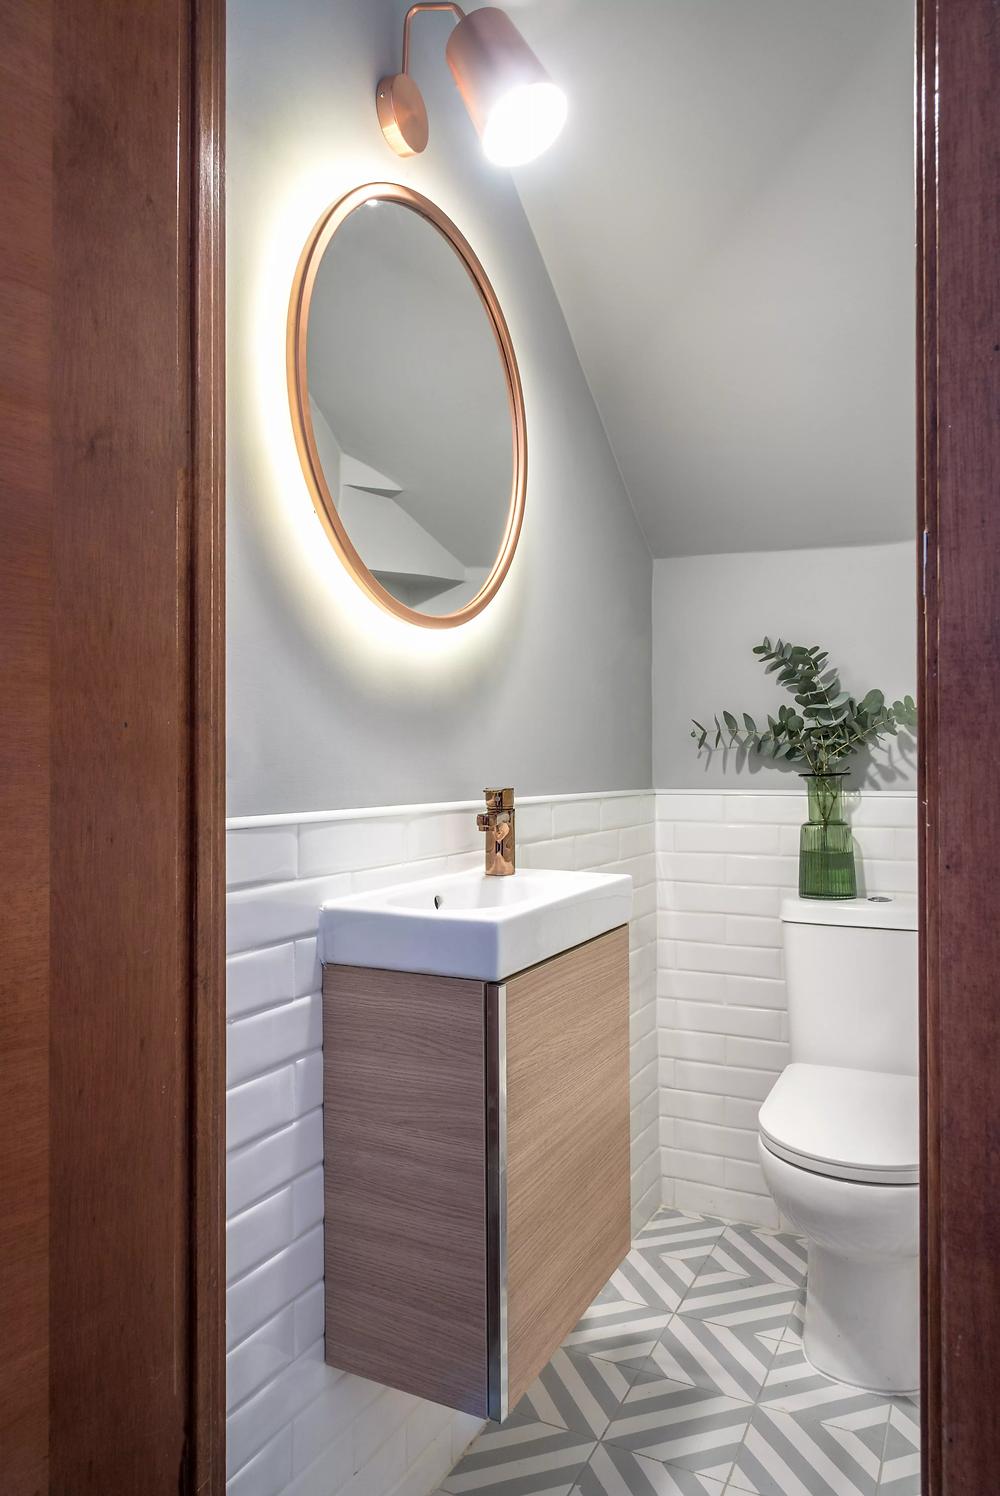 Espejo redondo con iluminación indirecta